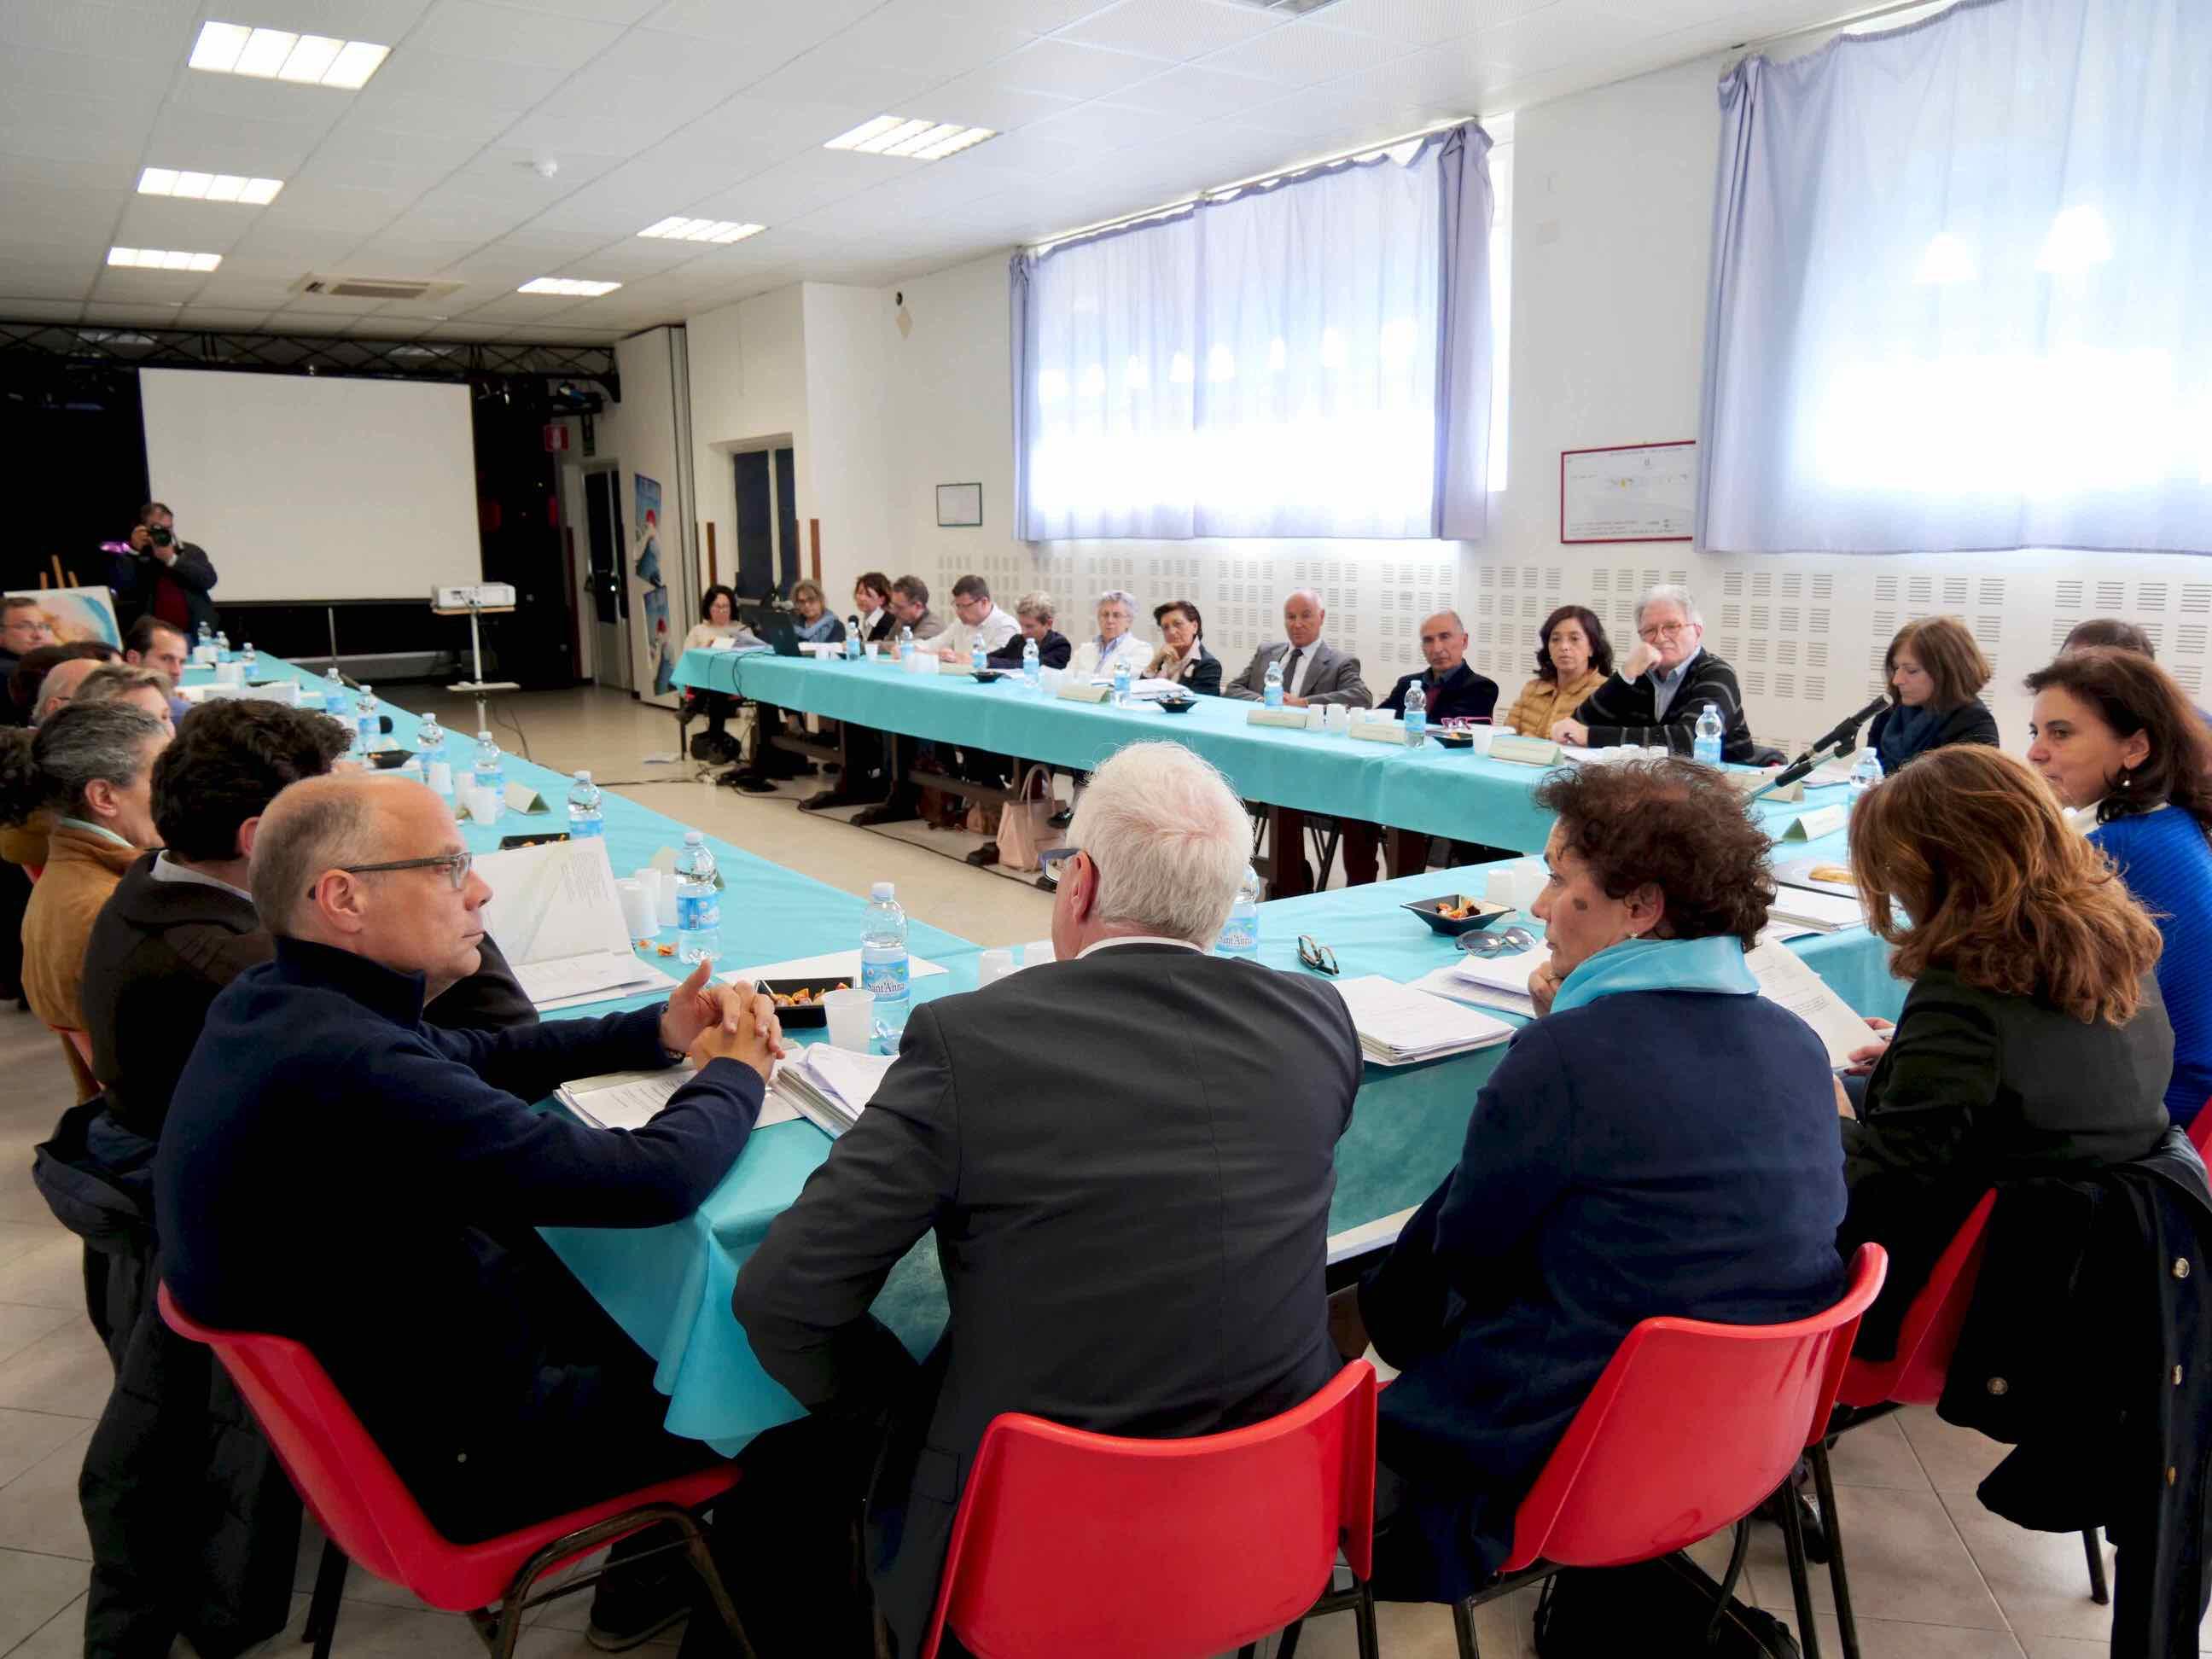 Riunione 2019 Centro Formazione Integrata Villaggio del Ragazzo - 4